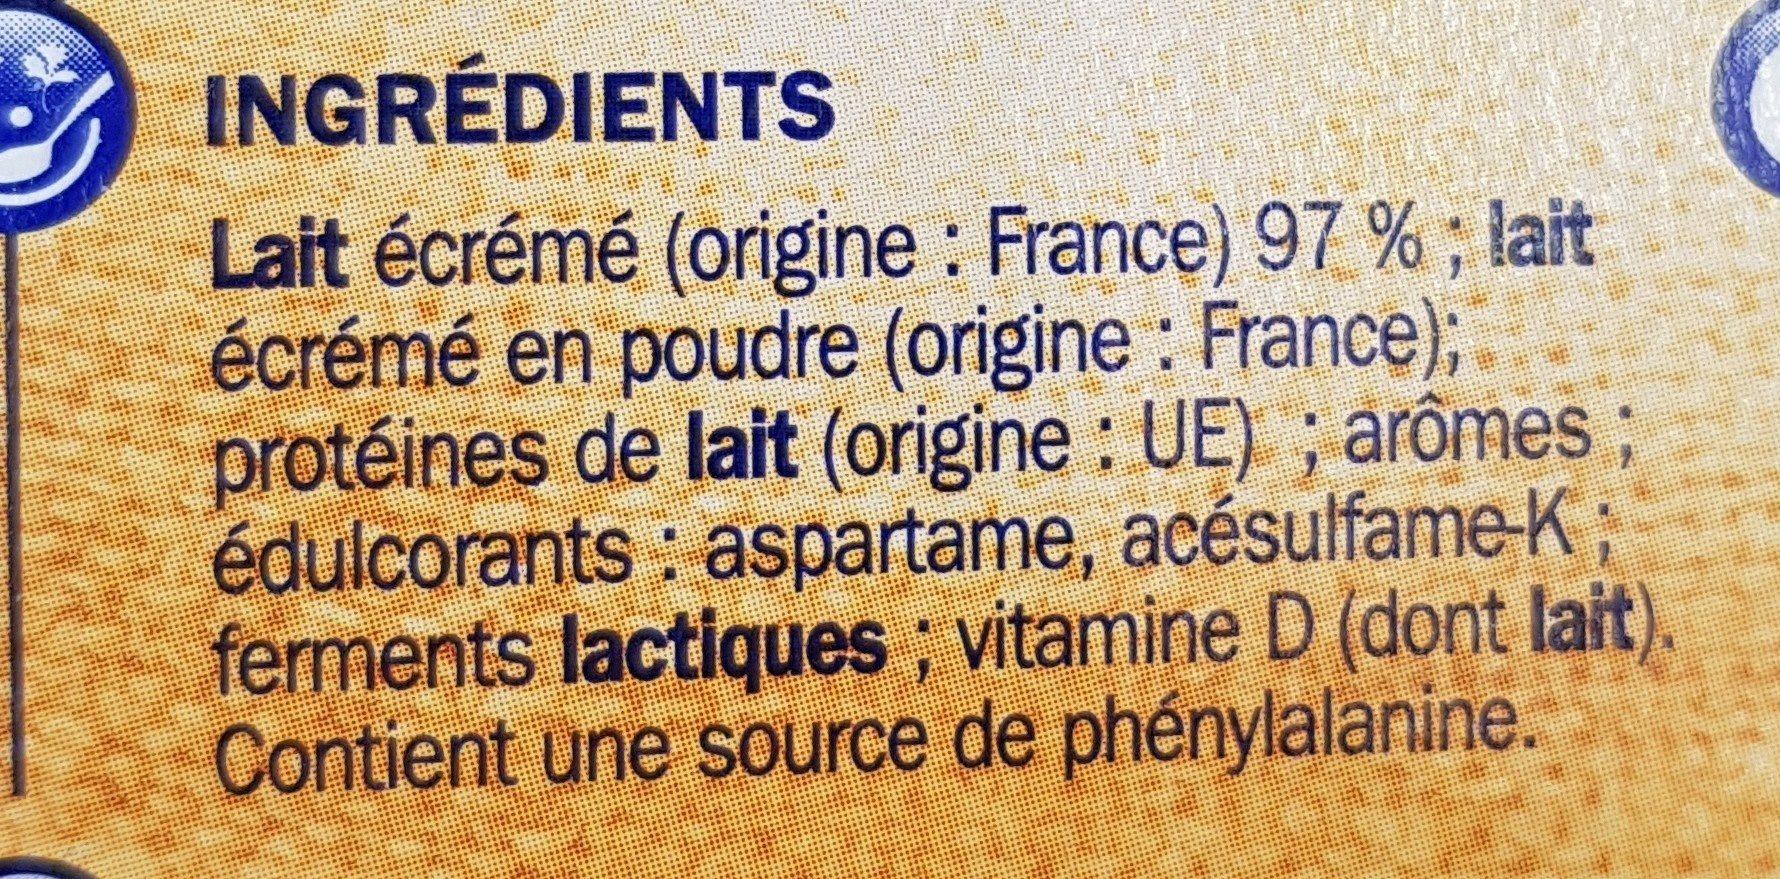 Deli'light saveur vanille - Ingredients